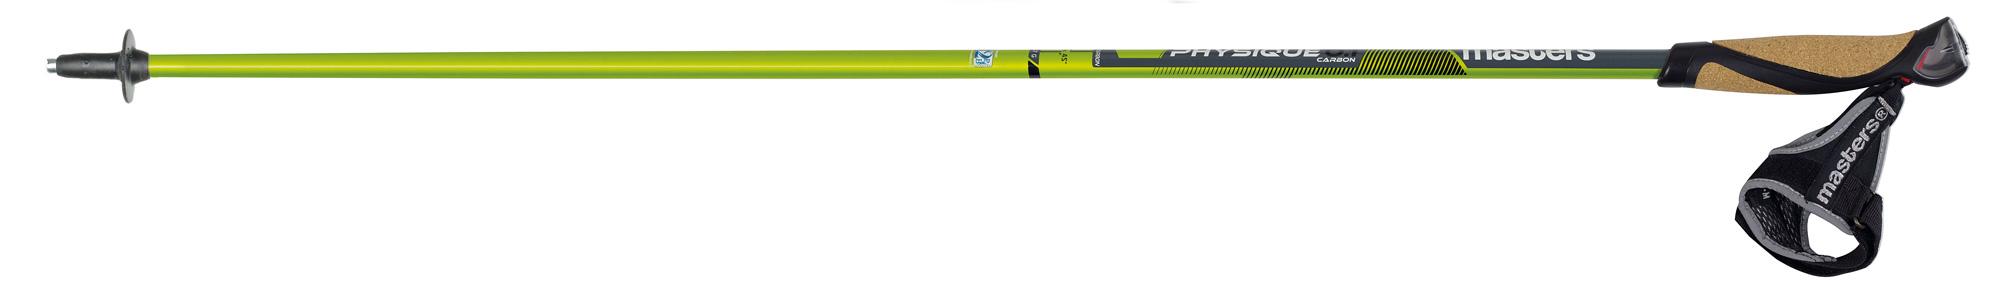 Монолитные палки для скандинавской ходьбы PHYSIQUE 0.1 100-135см, 01N0316 - артикул: 780880287